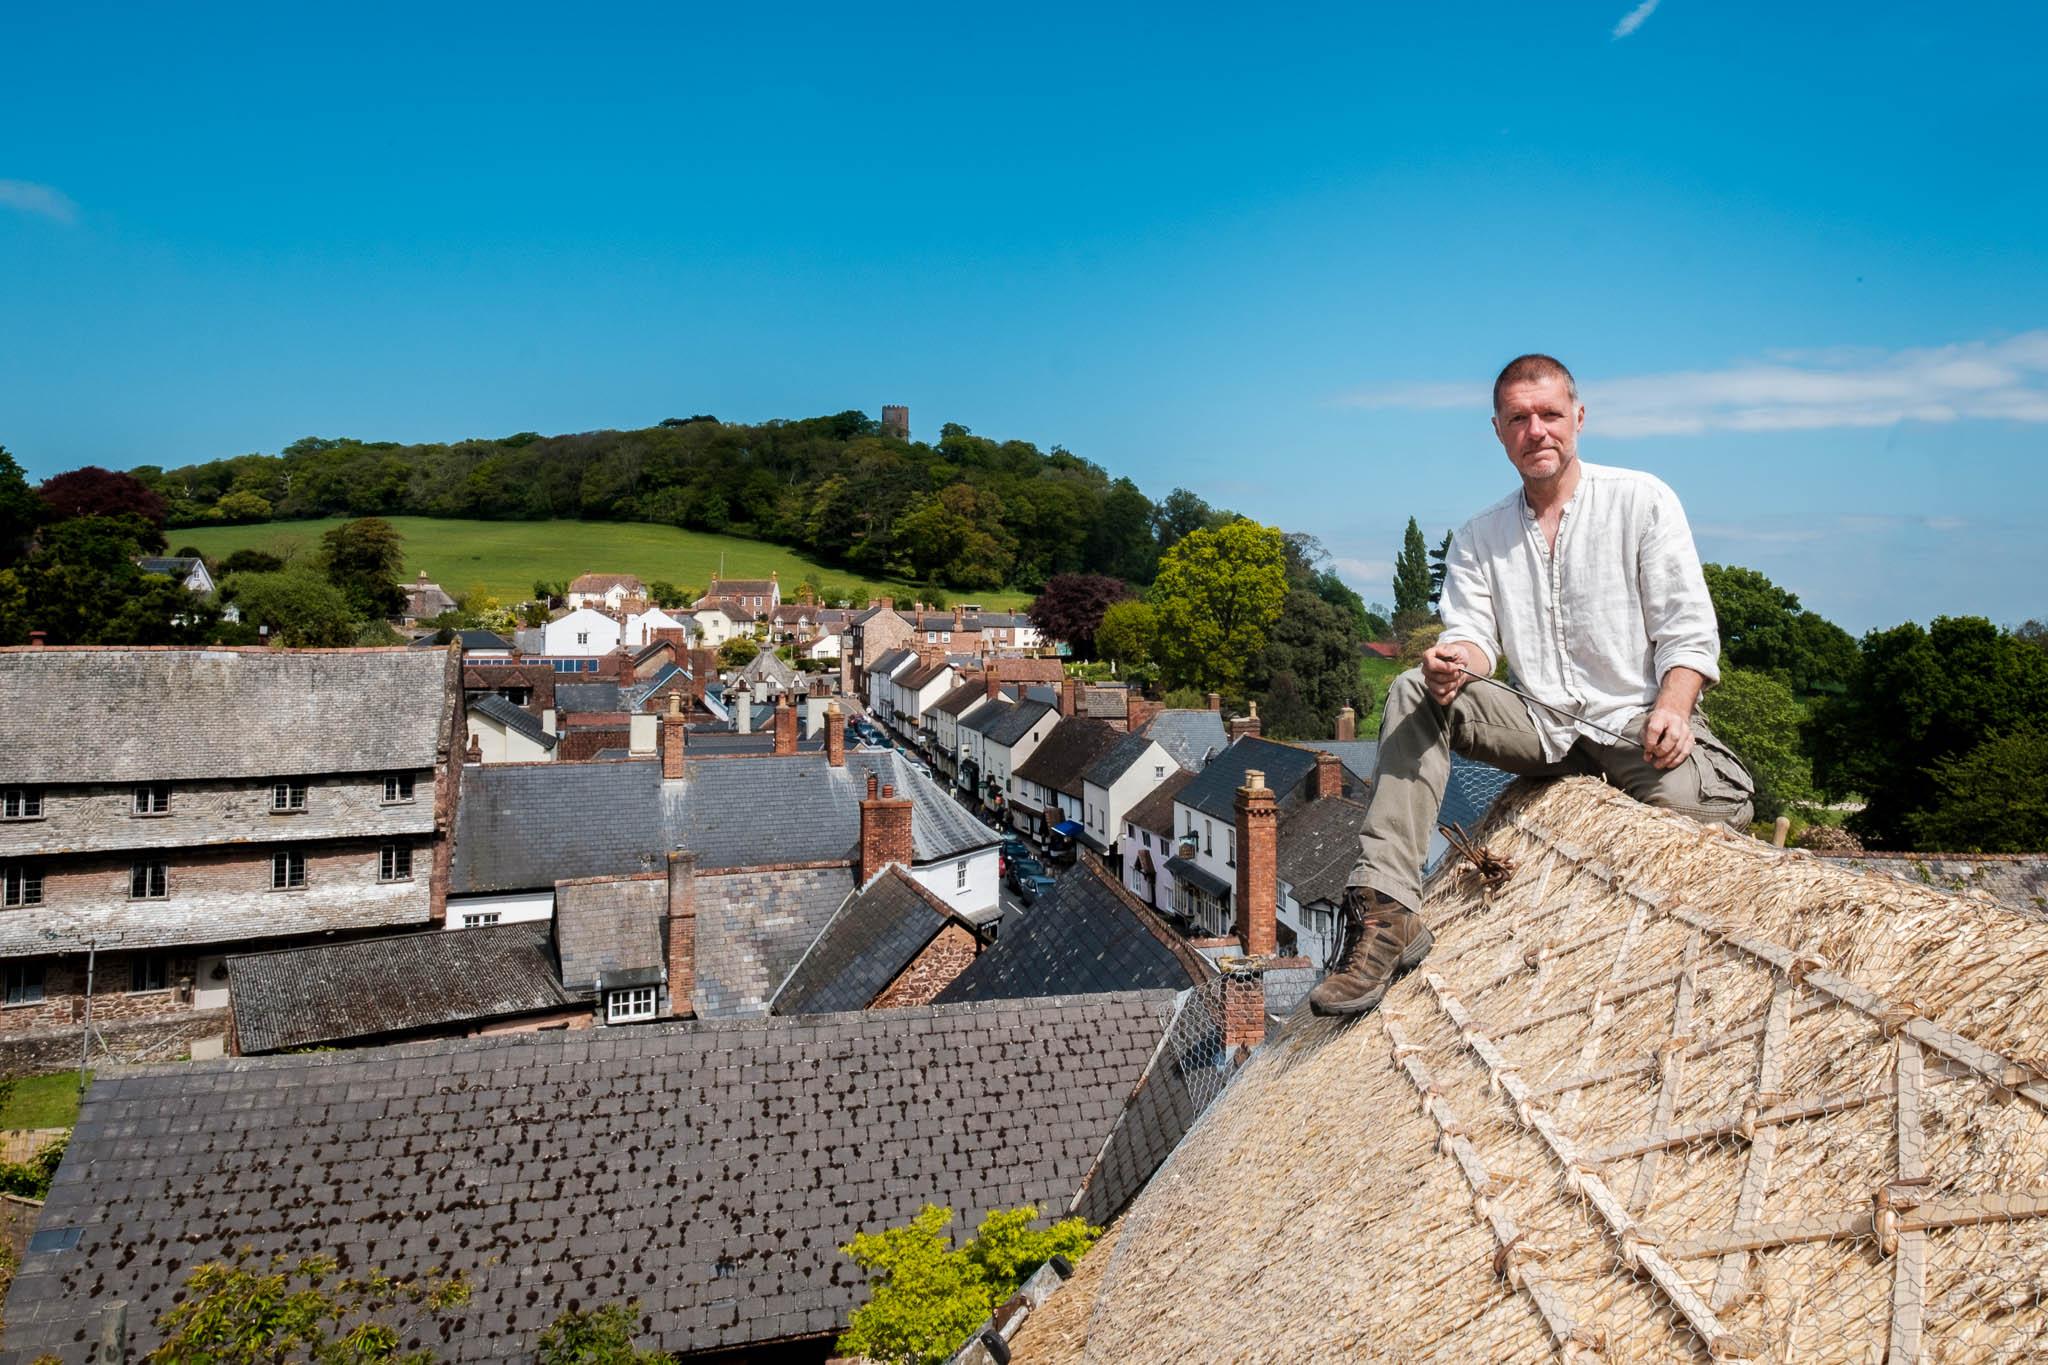 Wiring the ridge, Somerset